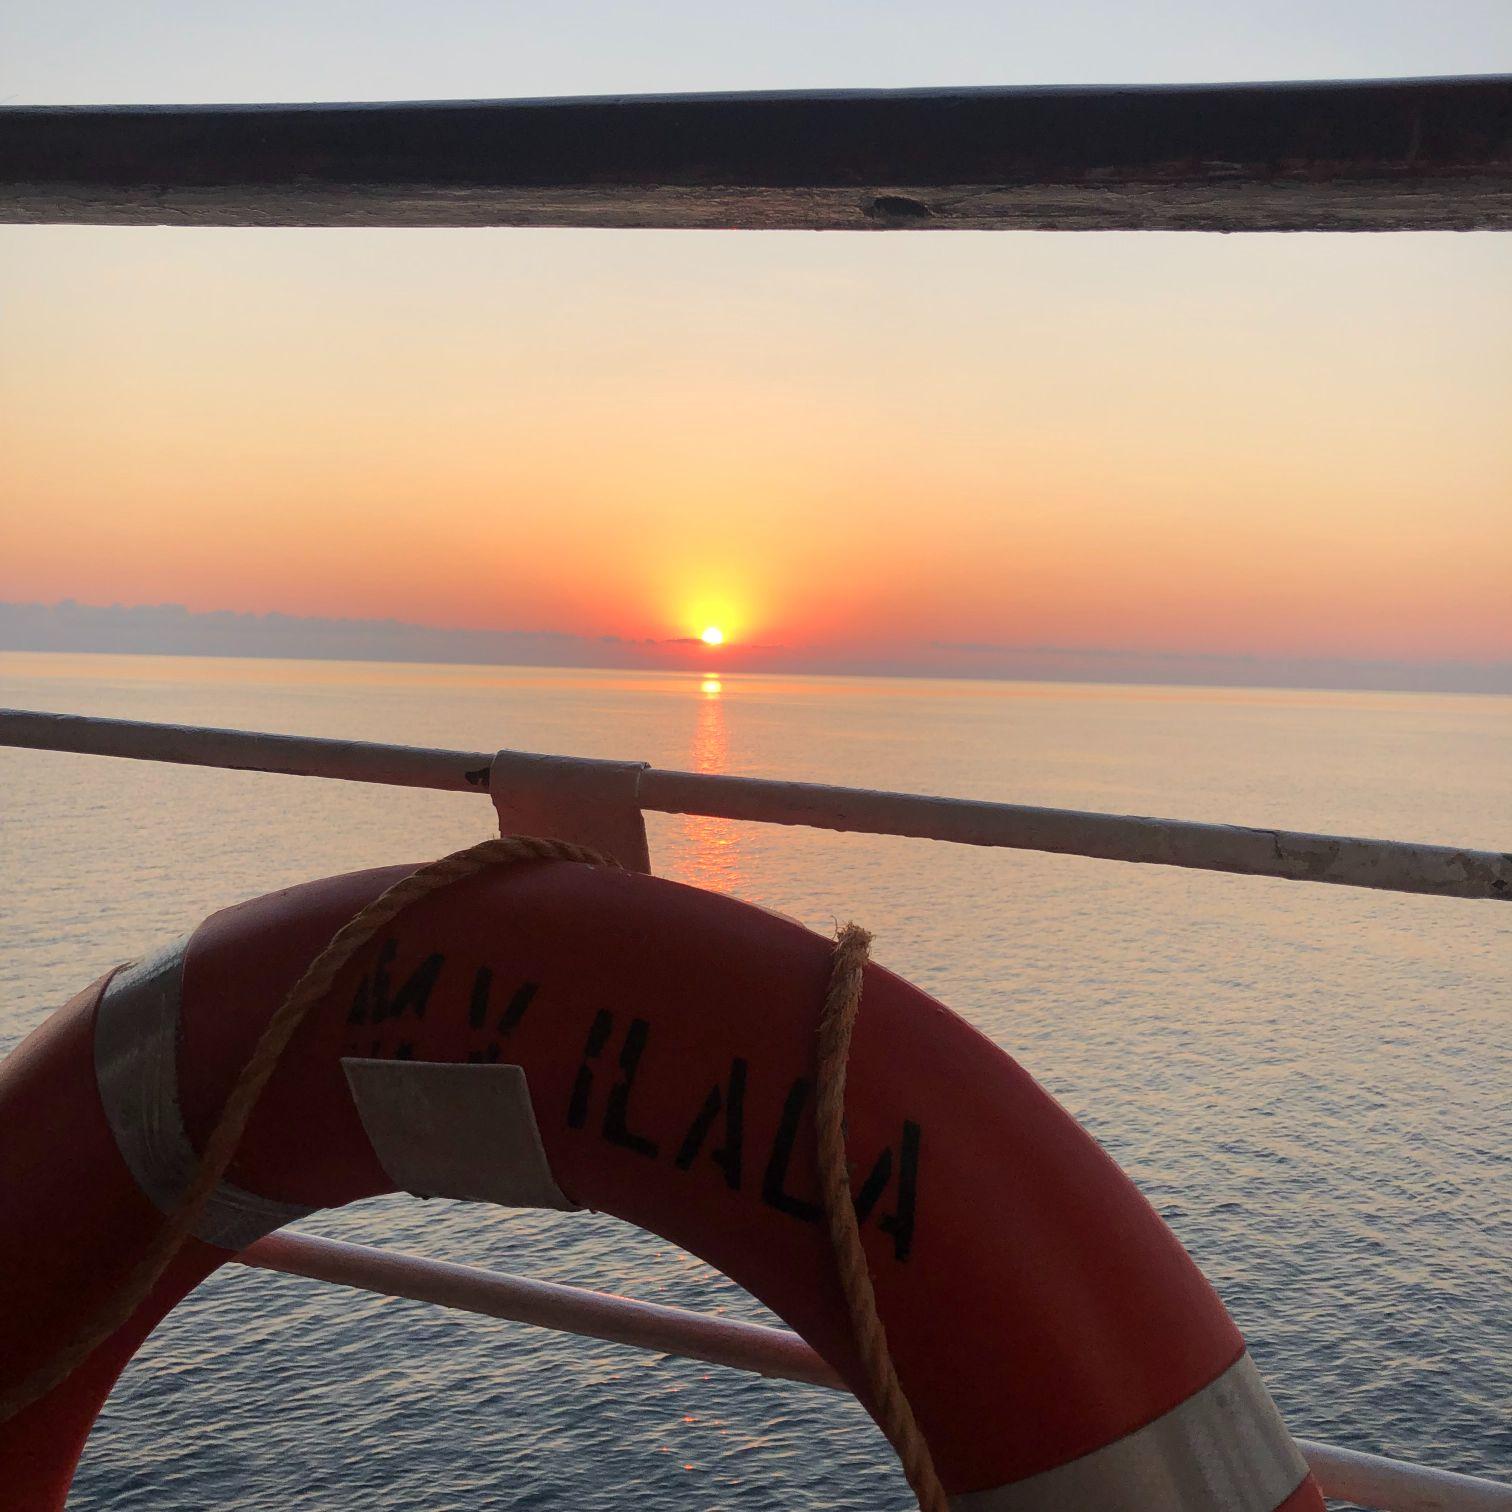 sunset on the mv ilala ferry on lake malawi